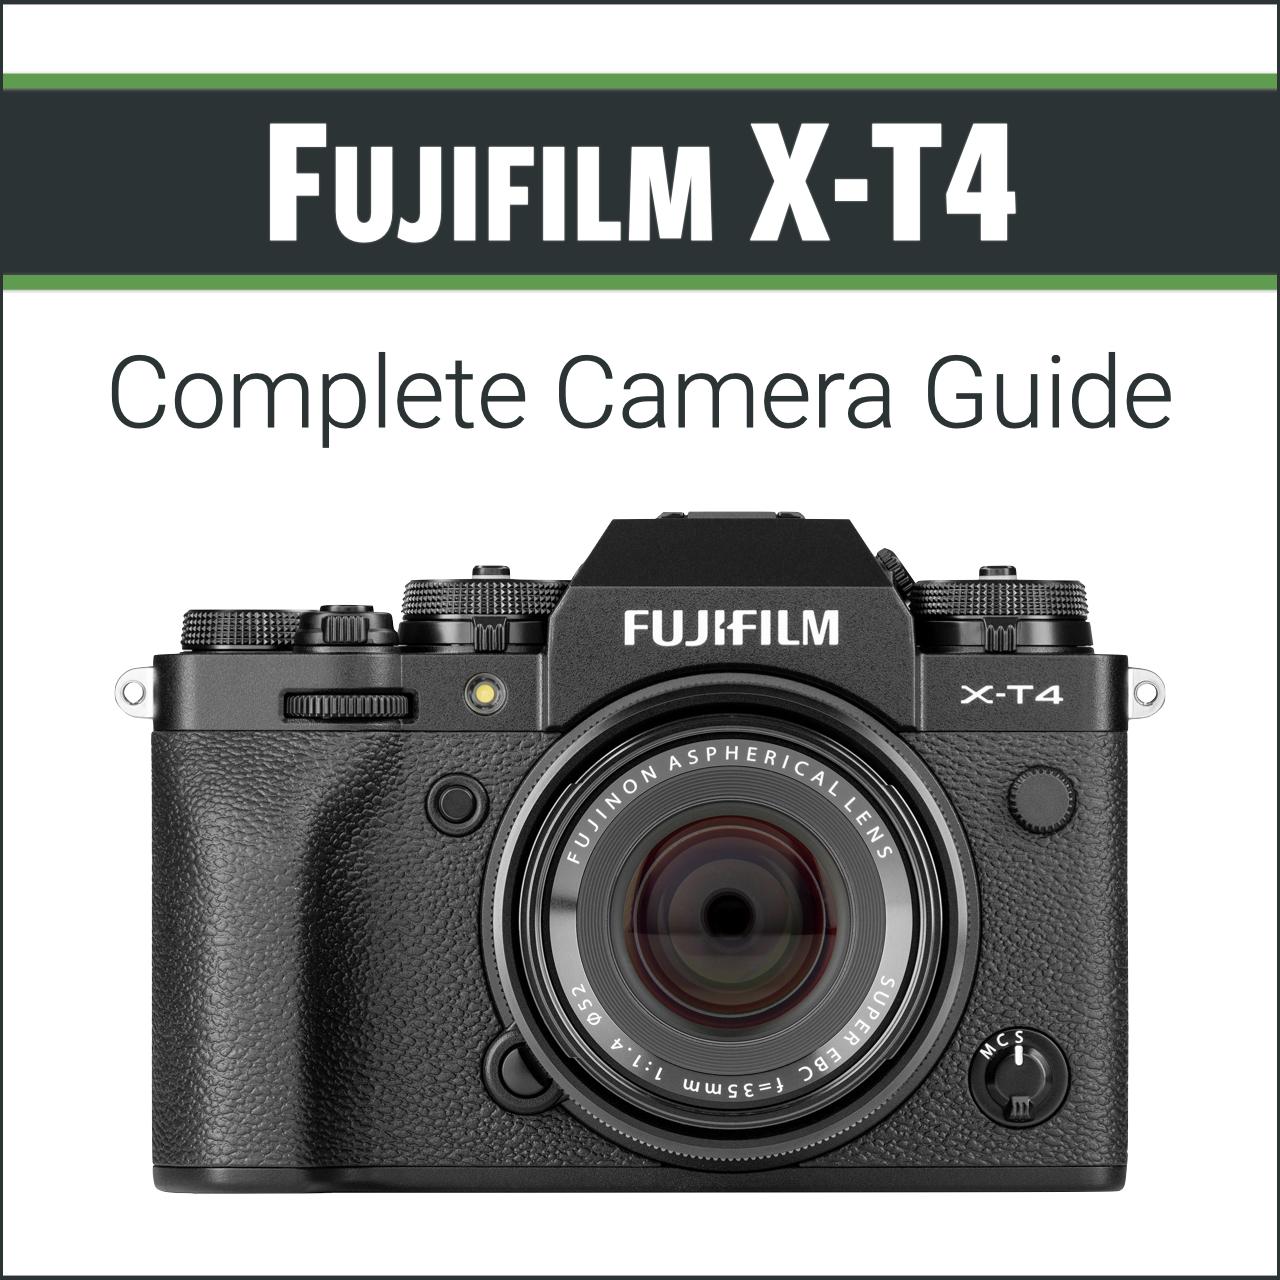 Fujifilm X-T4: Complete Camera Guide